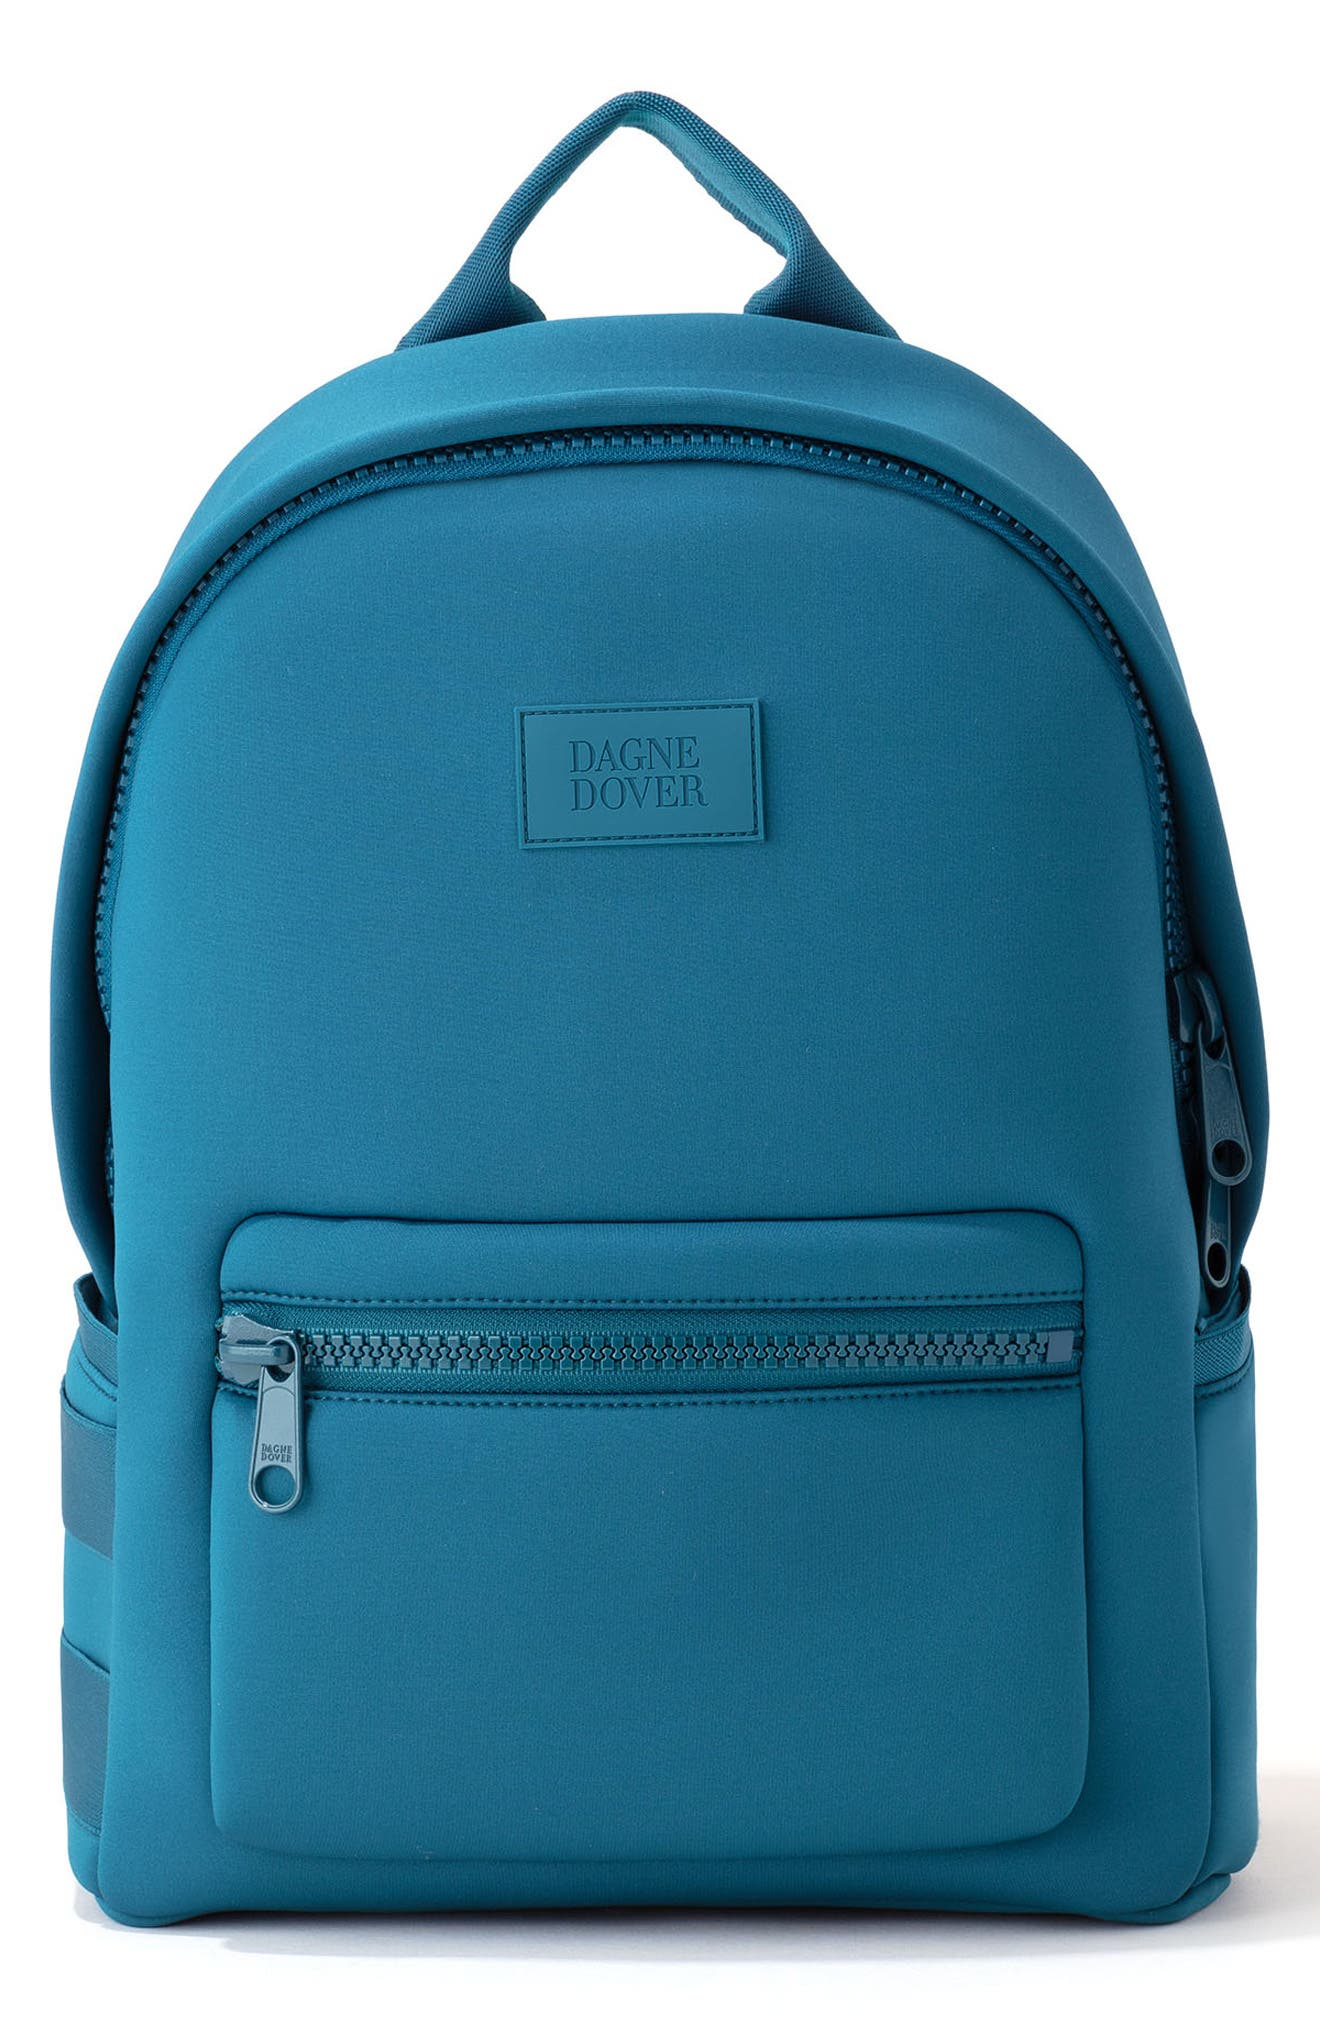 DAGNE DOVER,                             365 Dakota Neoprene Backpack,                             Main thumbnail 1, color,                             BAY BLUE